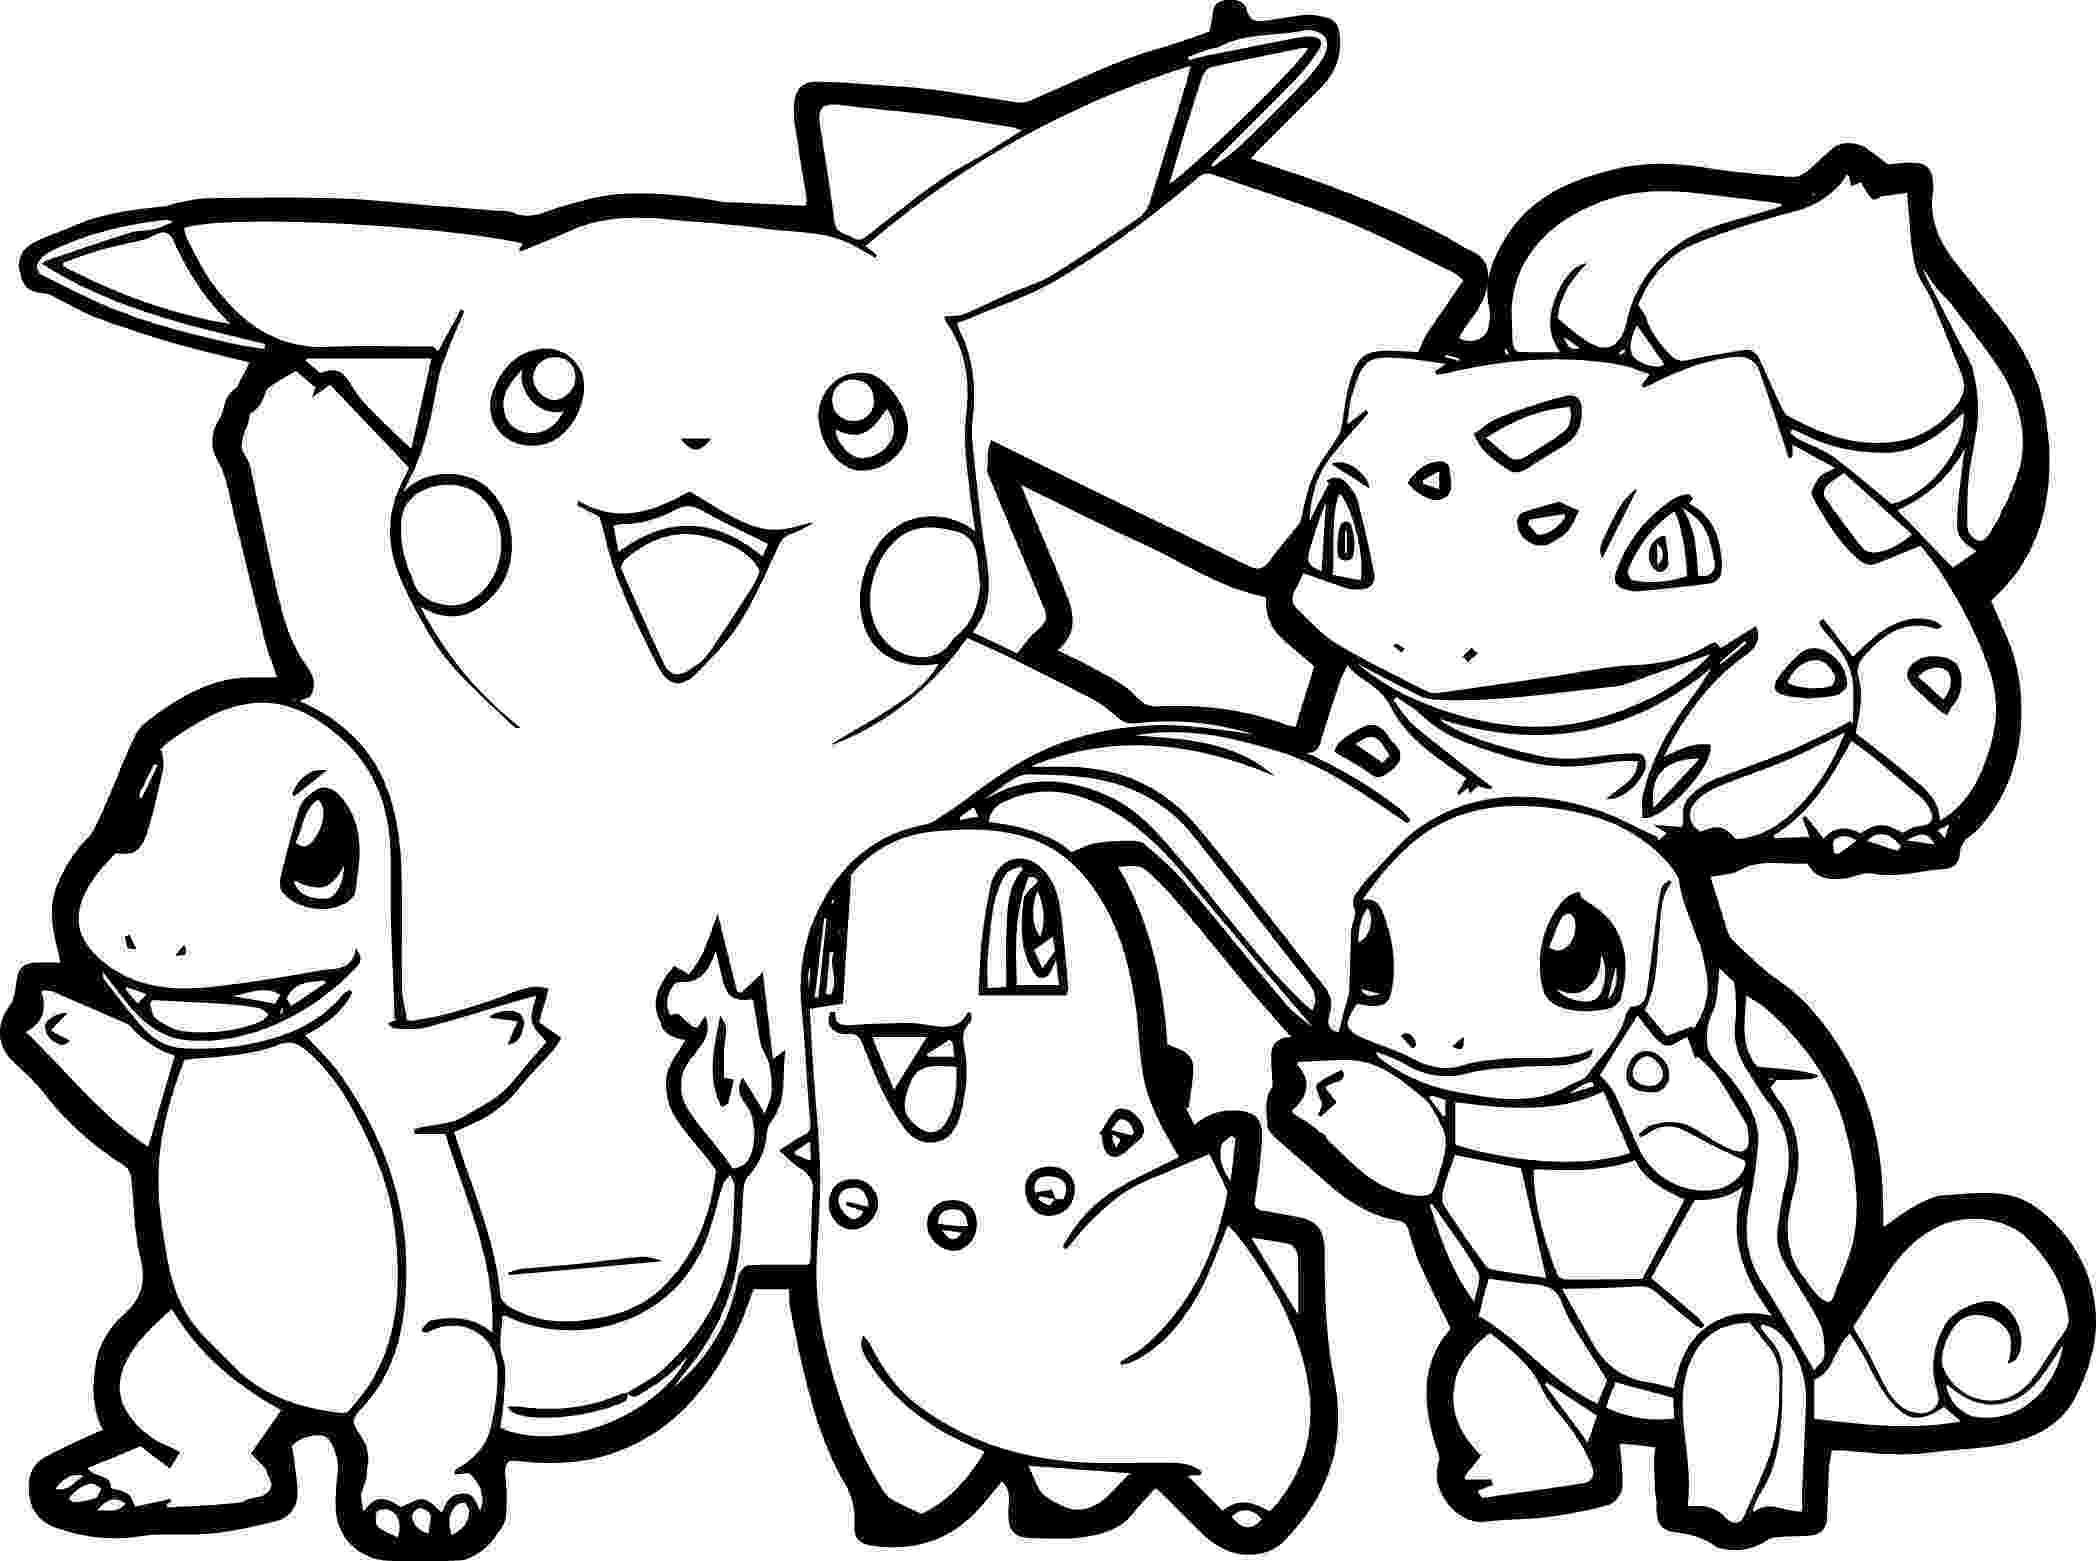 pokemon coloring picture pokemon for children all pokemon coloring pages kids picture coloring pokemon